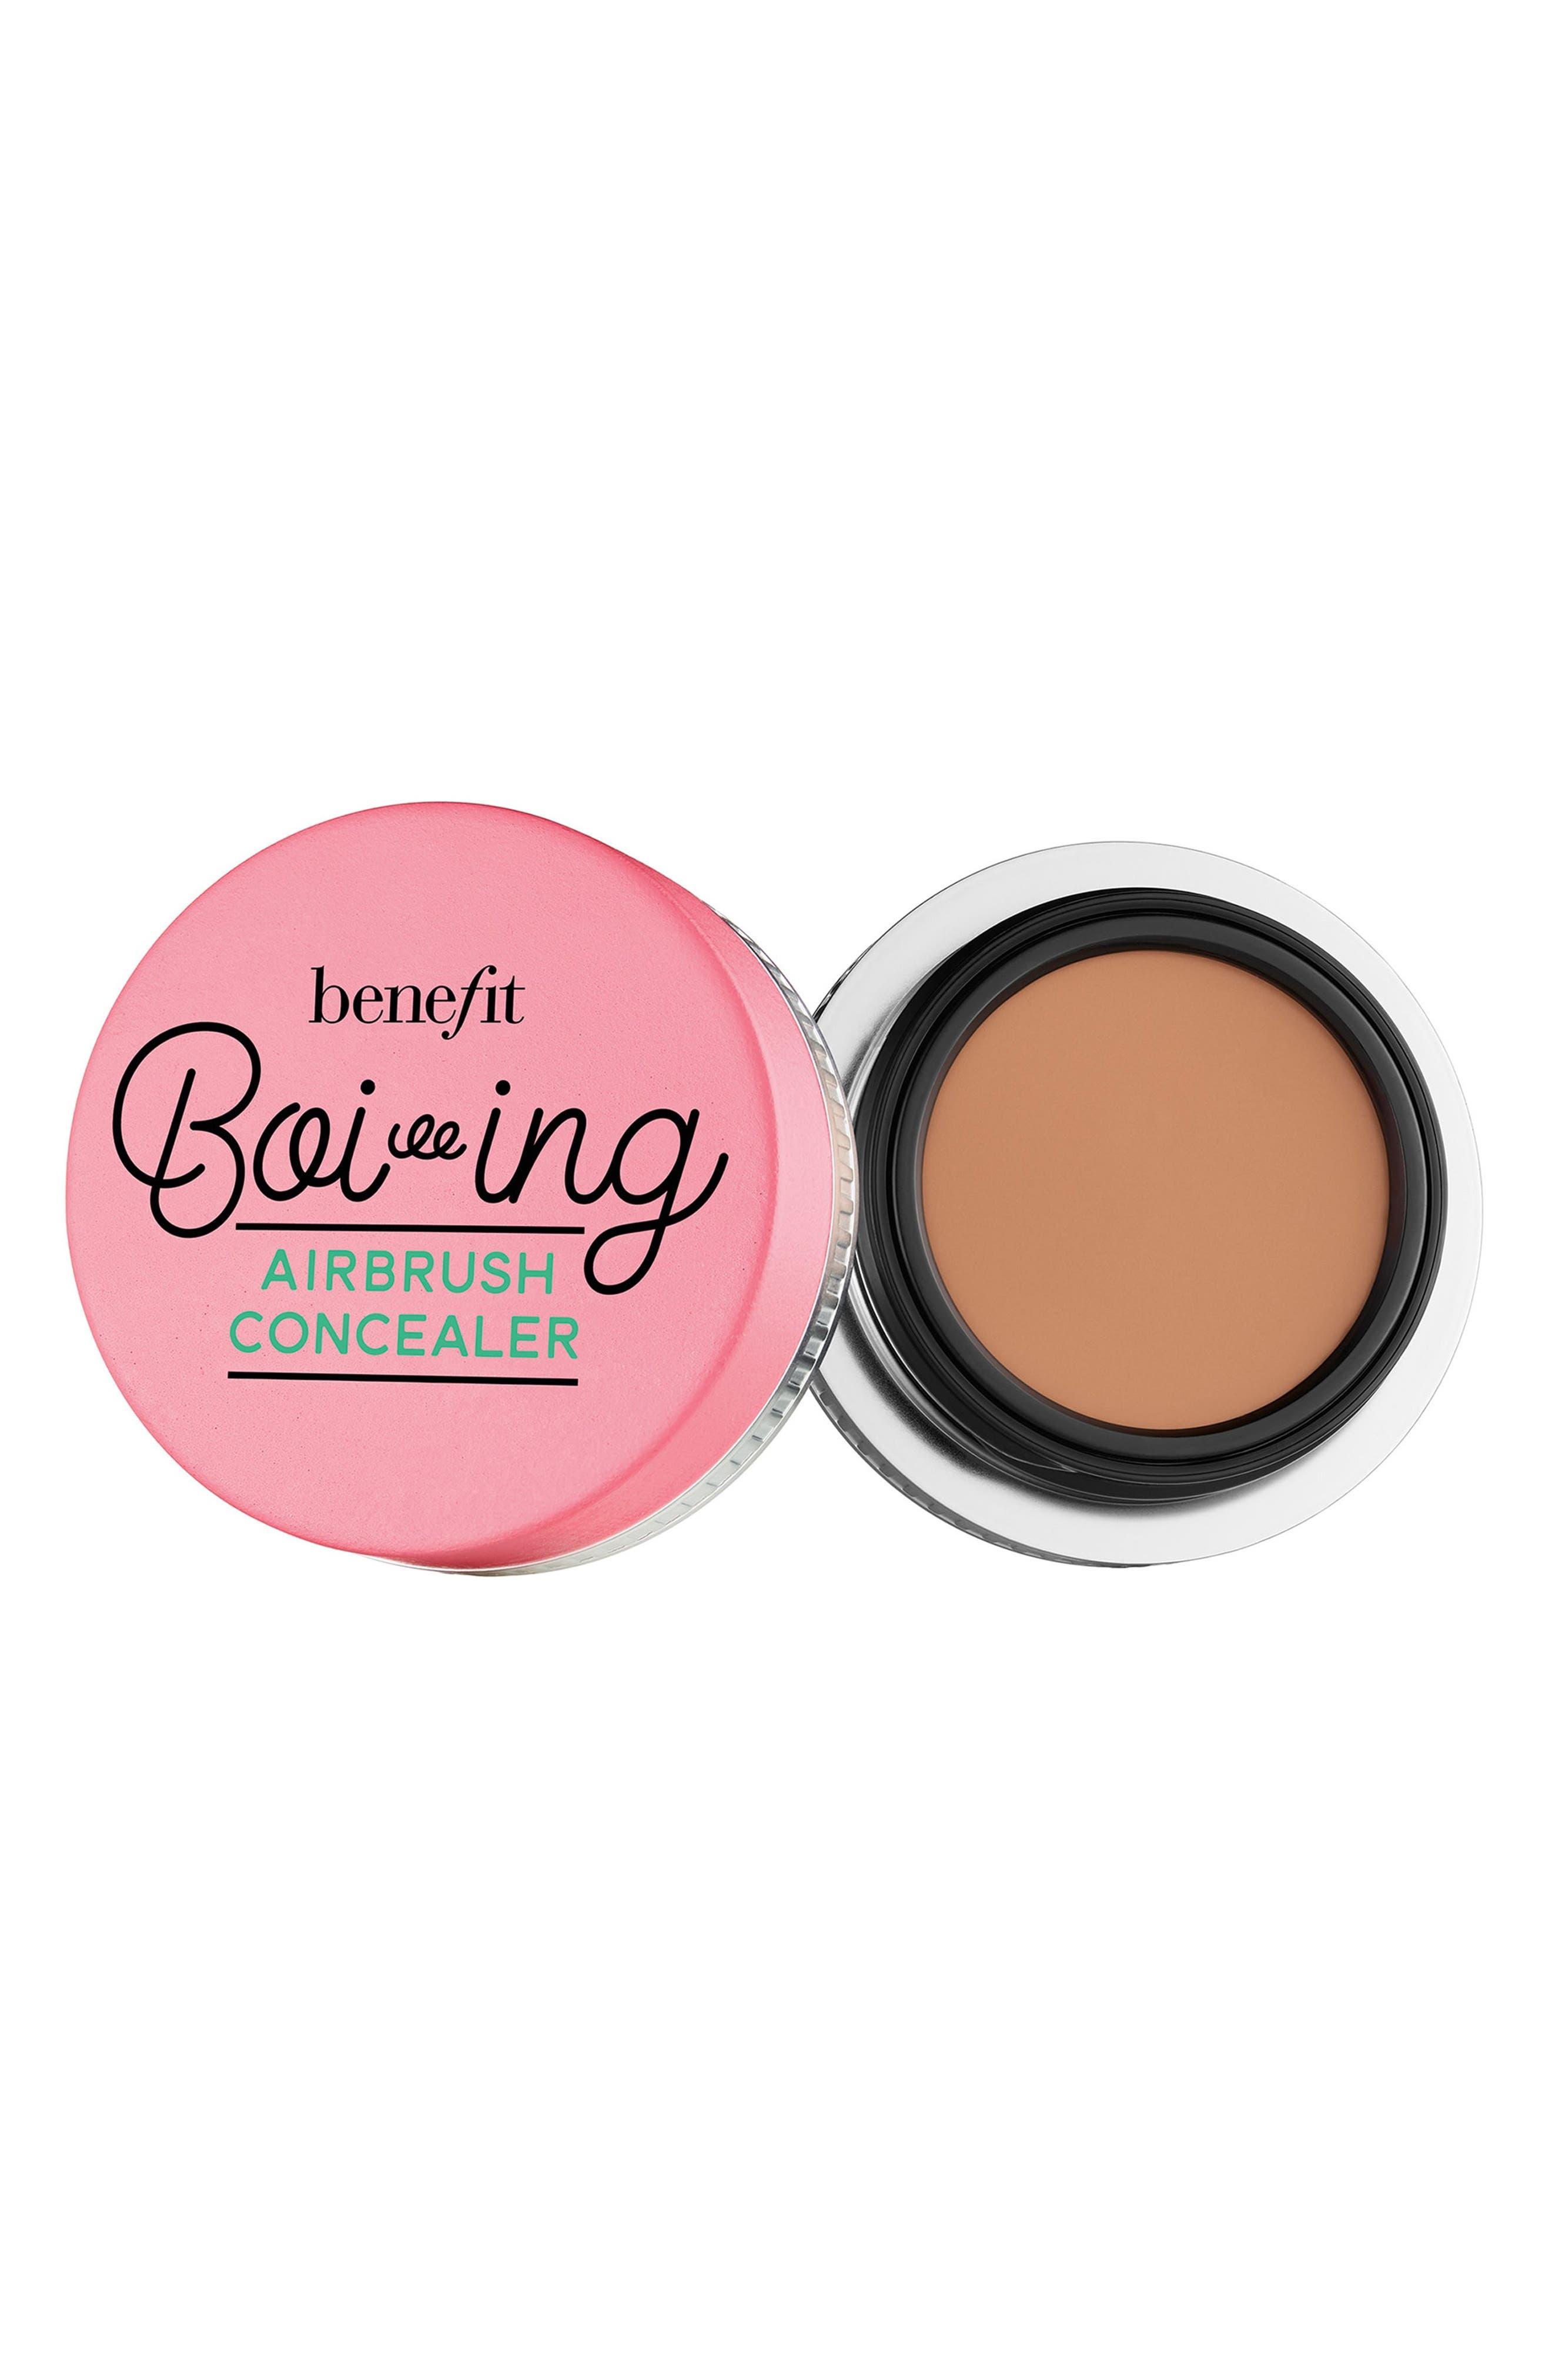 Benefit Boi-ing Airbrush Concealer,                             Main thumbnail 1, color,                             04 - MEDIUM / TAN